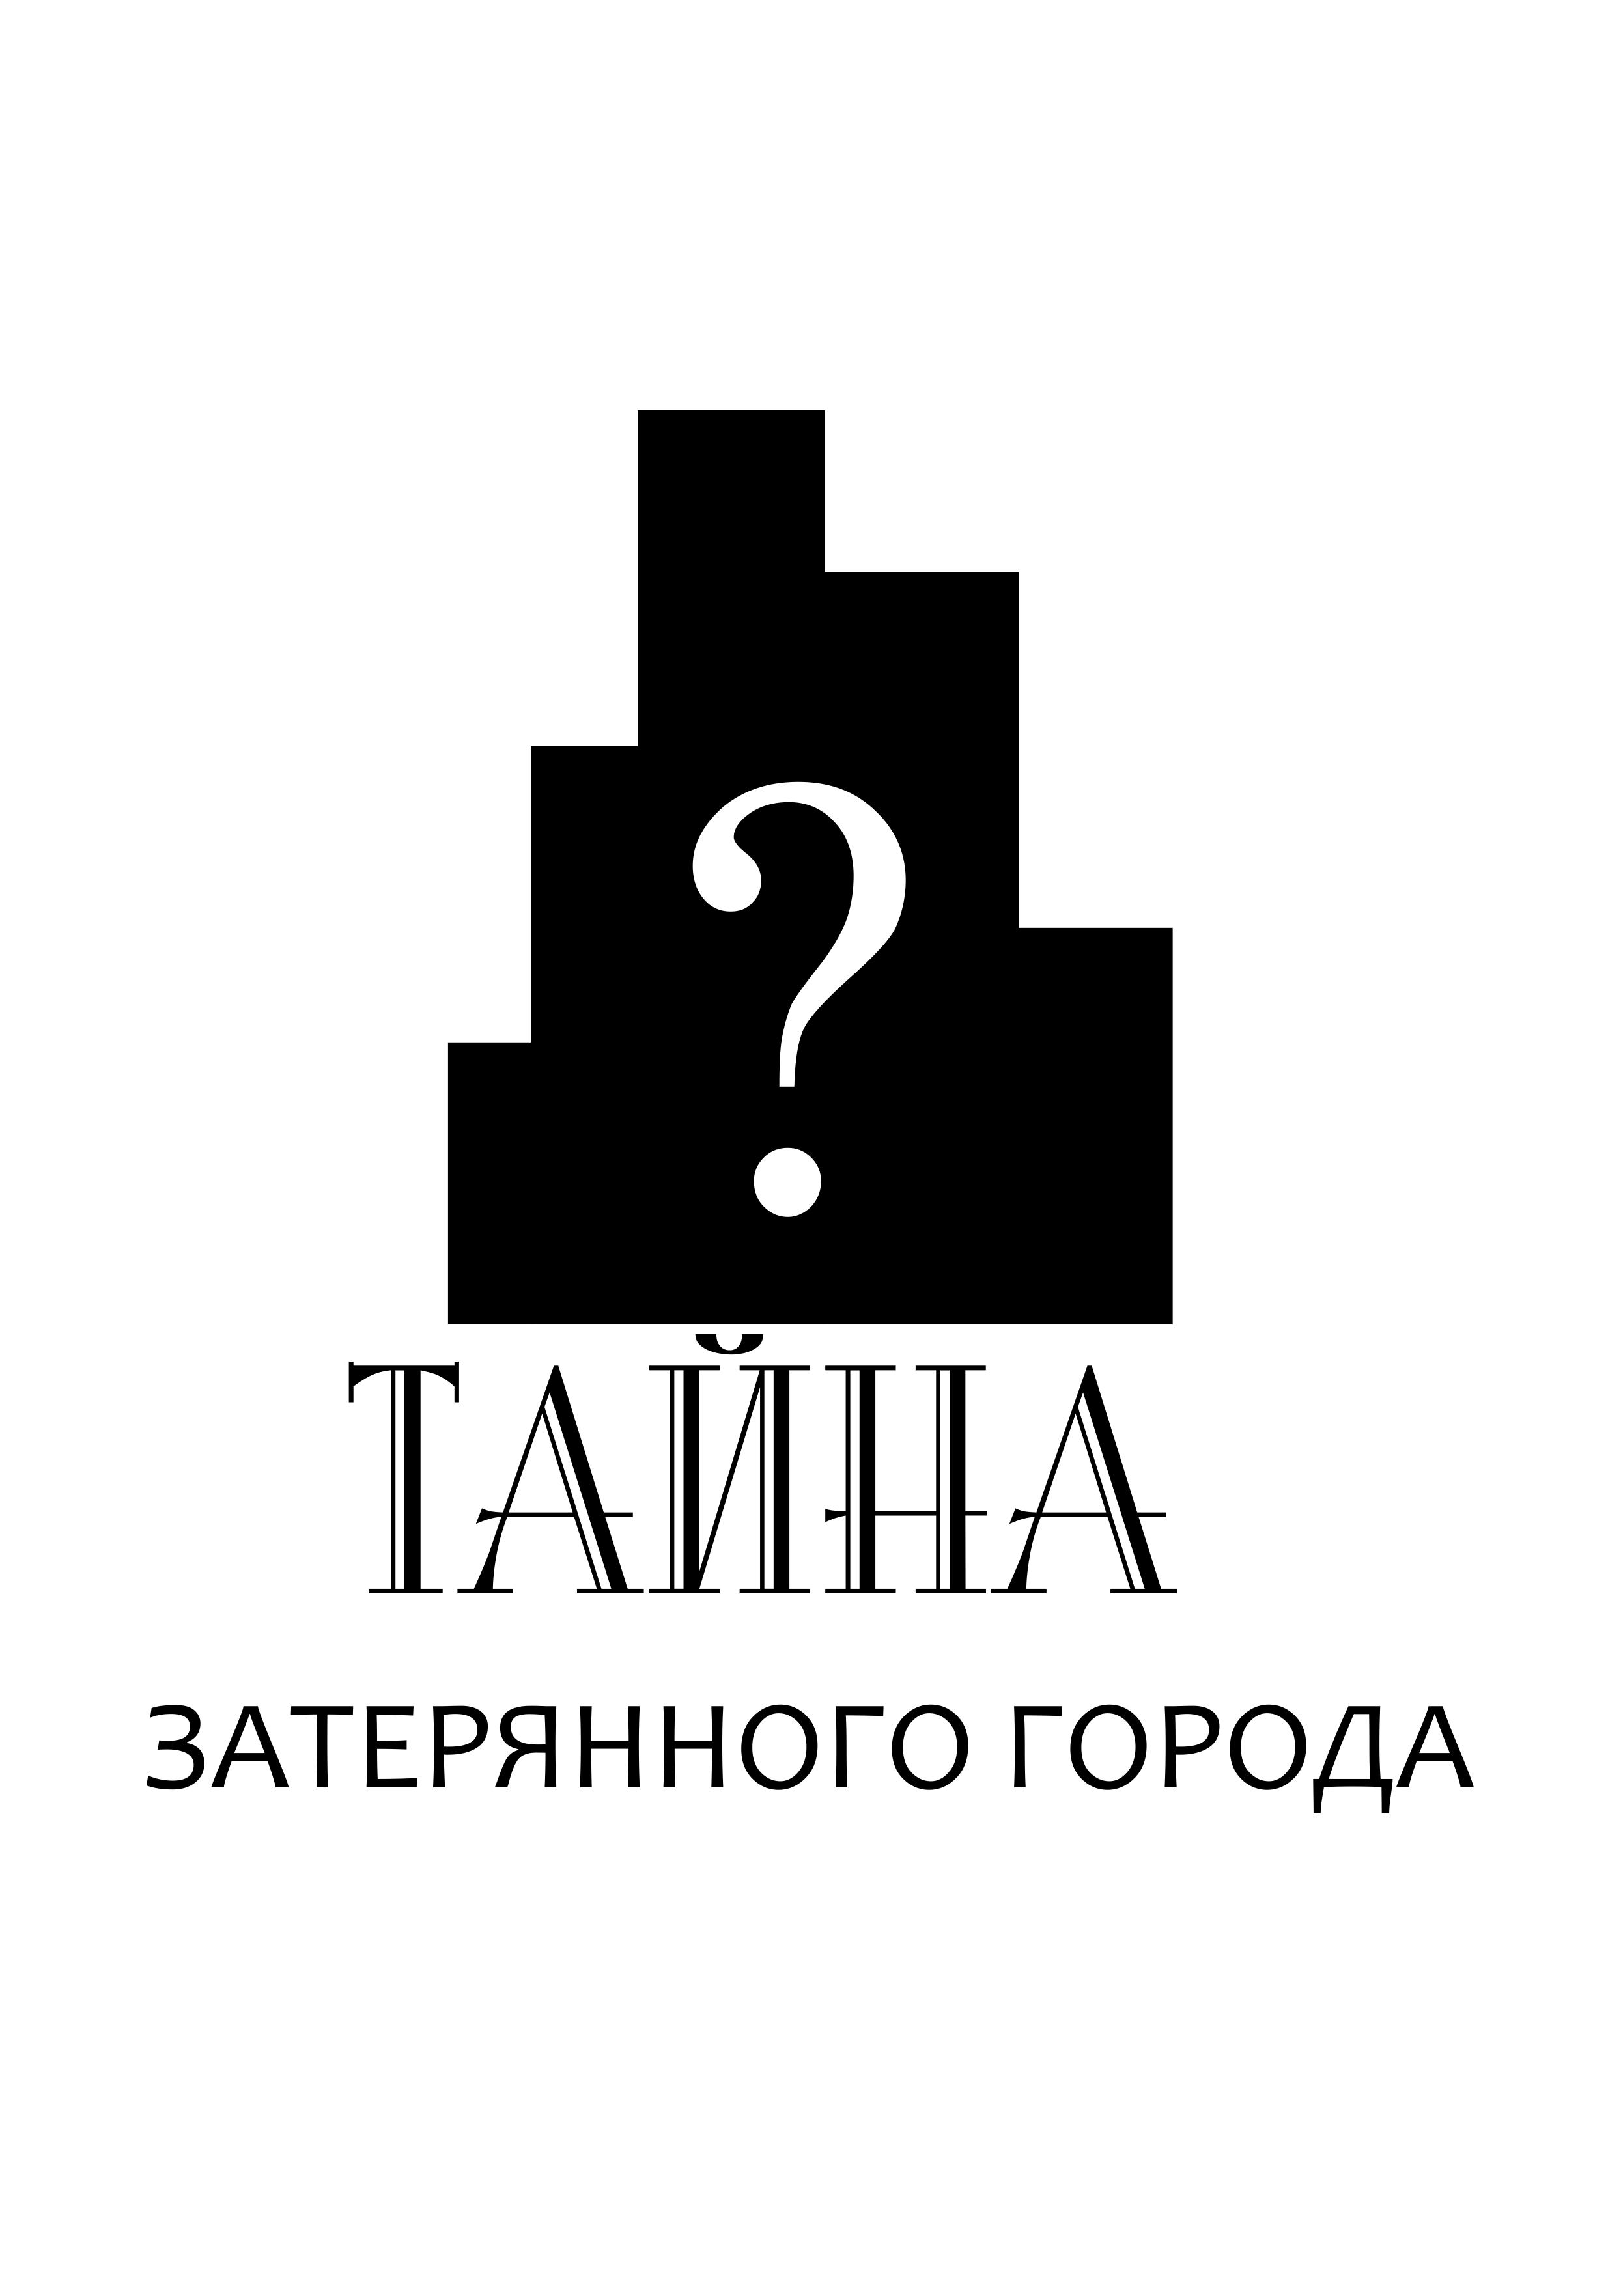 Разработка логотипа и шрифтов для Квеста  фото f_4585b40762570368.jpg